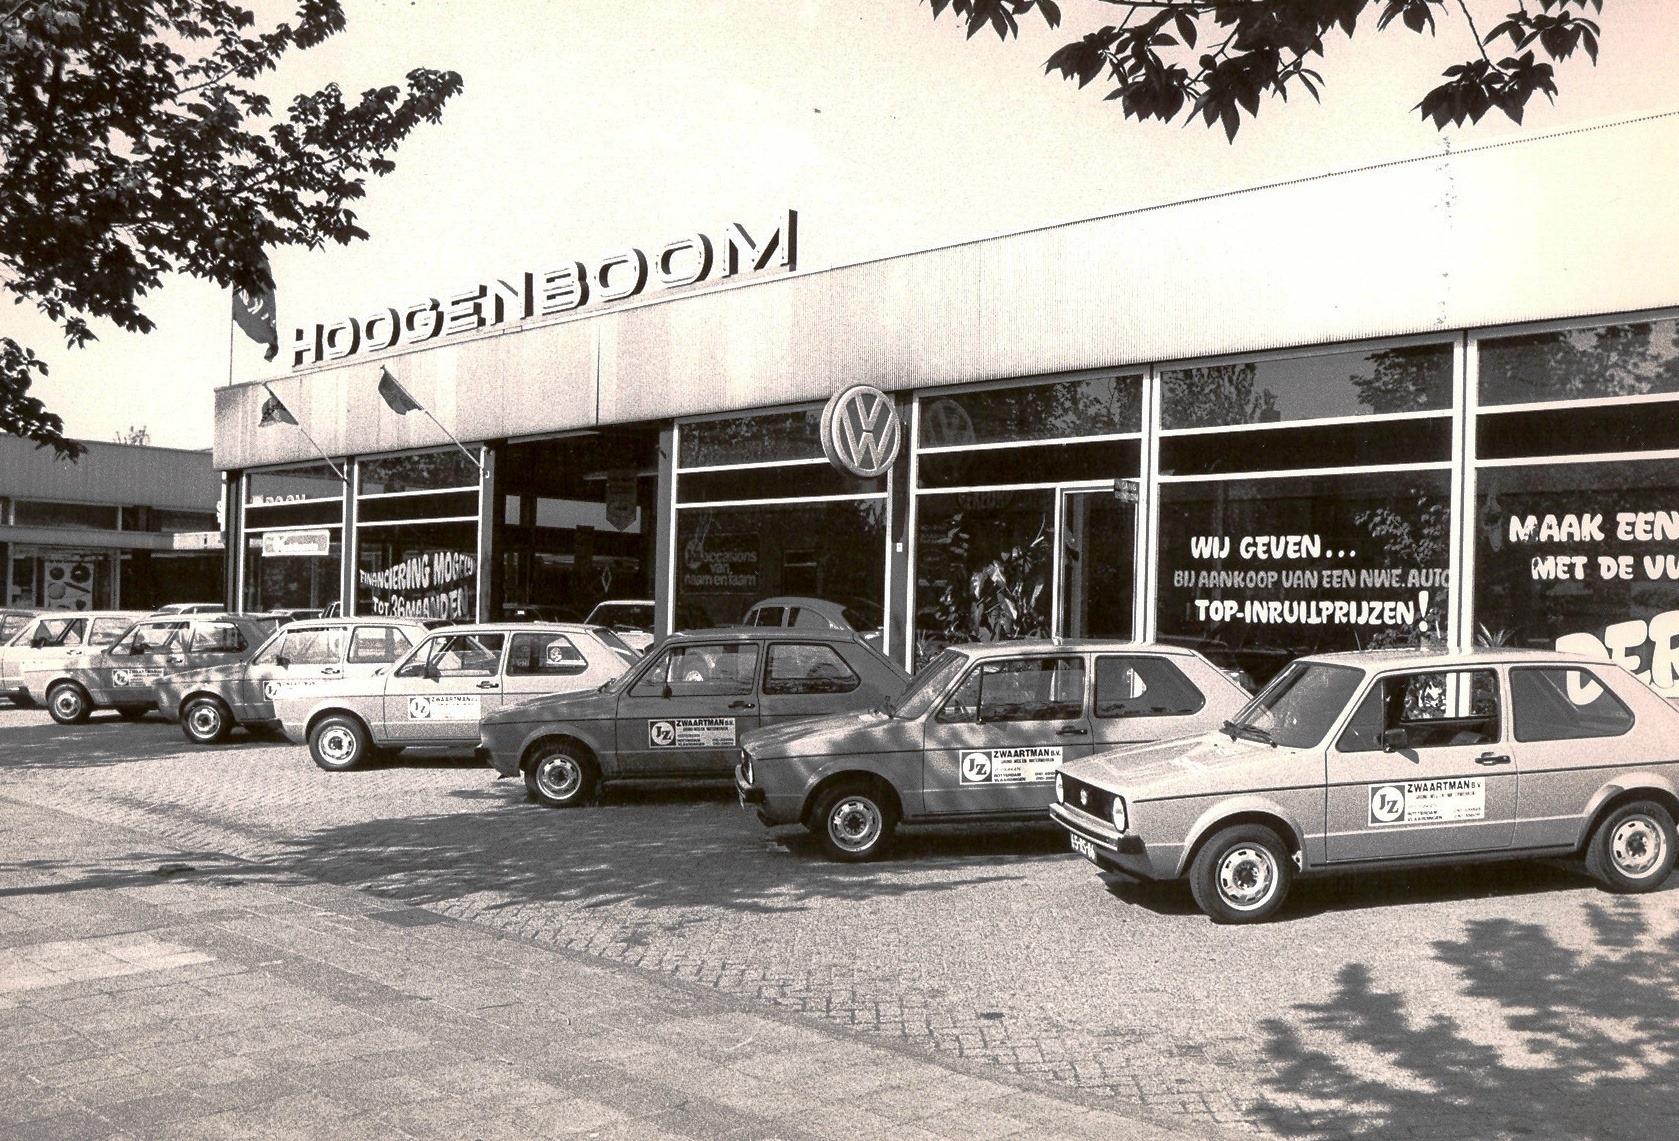 Auto-Hoogenboom--dealer-van-Volkswagen-in-Groot-Rotterdam--Diverse-vestigingen-zijn-hier-afgebeeld--ca-1990-Ronald-Jacobse-archief-9